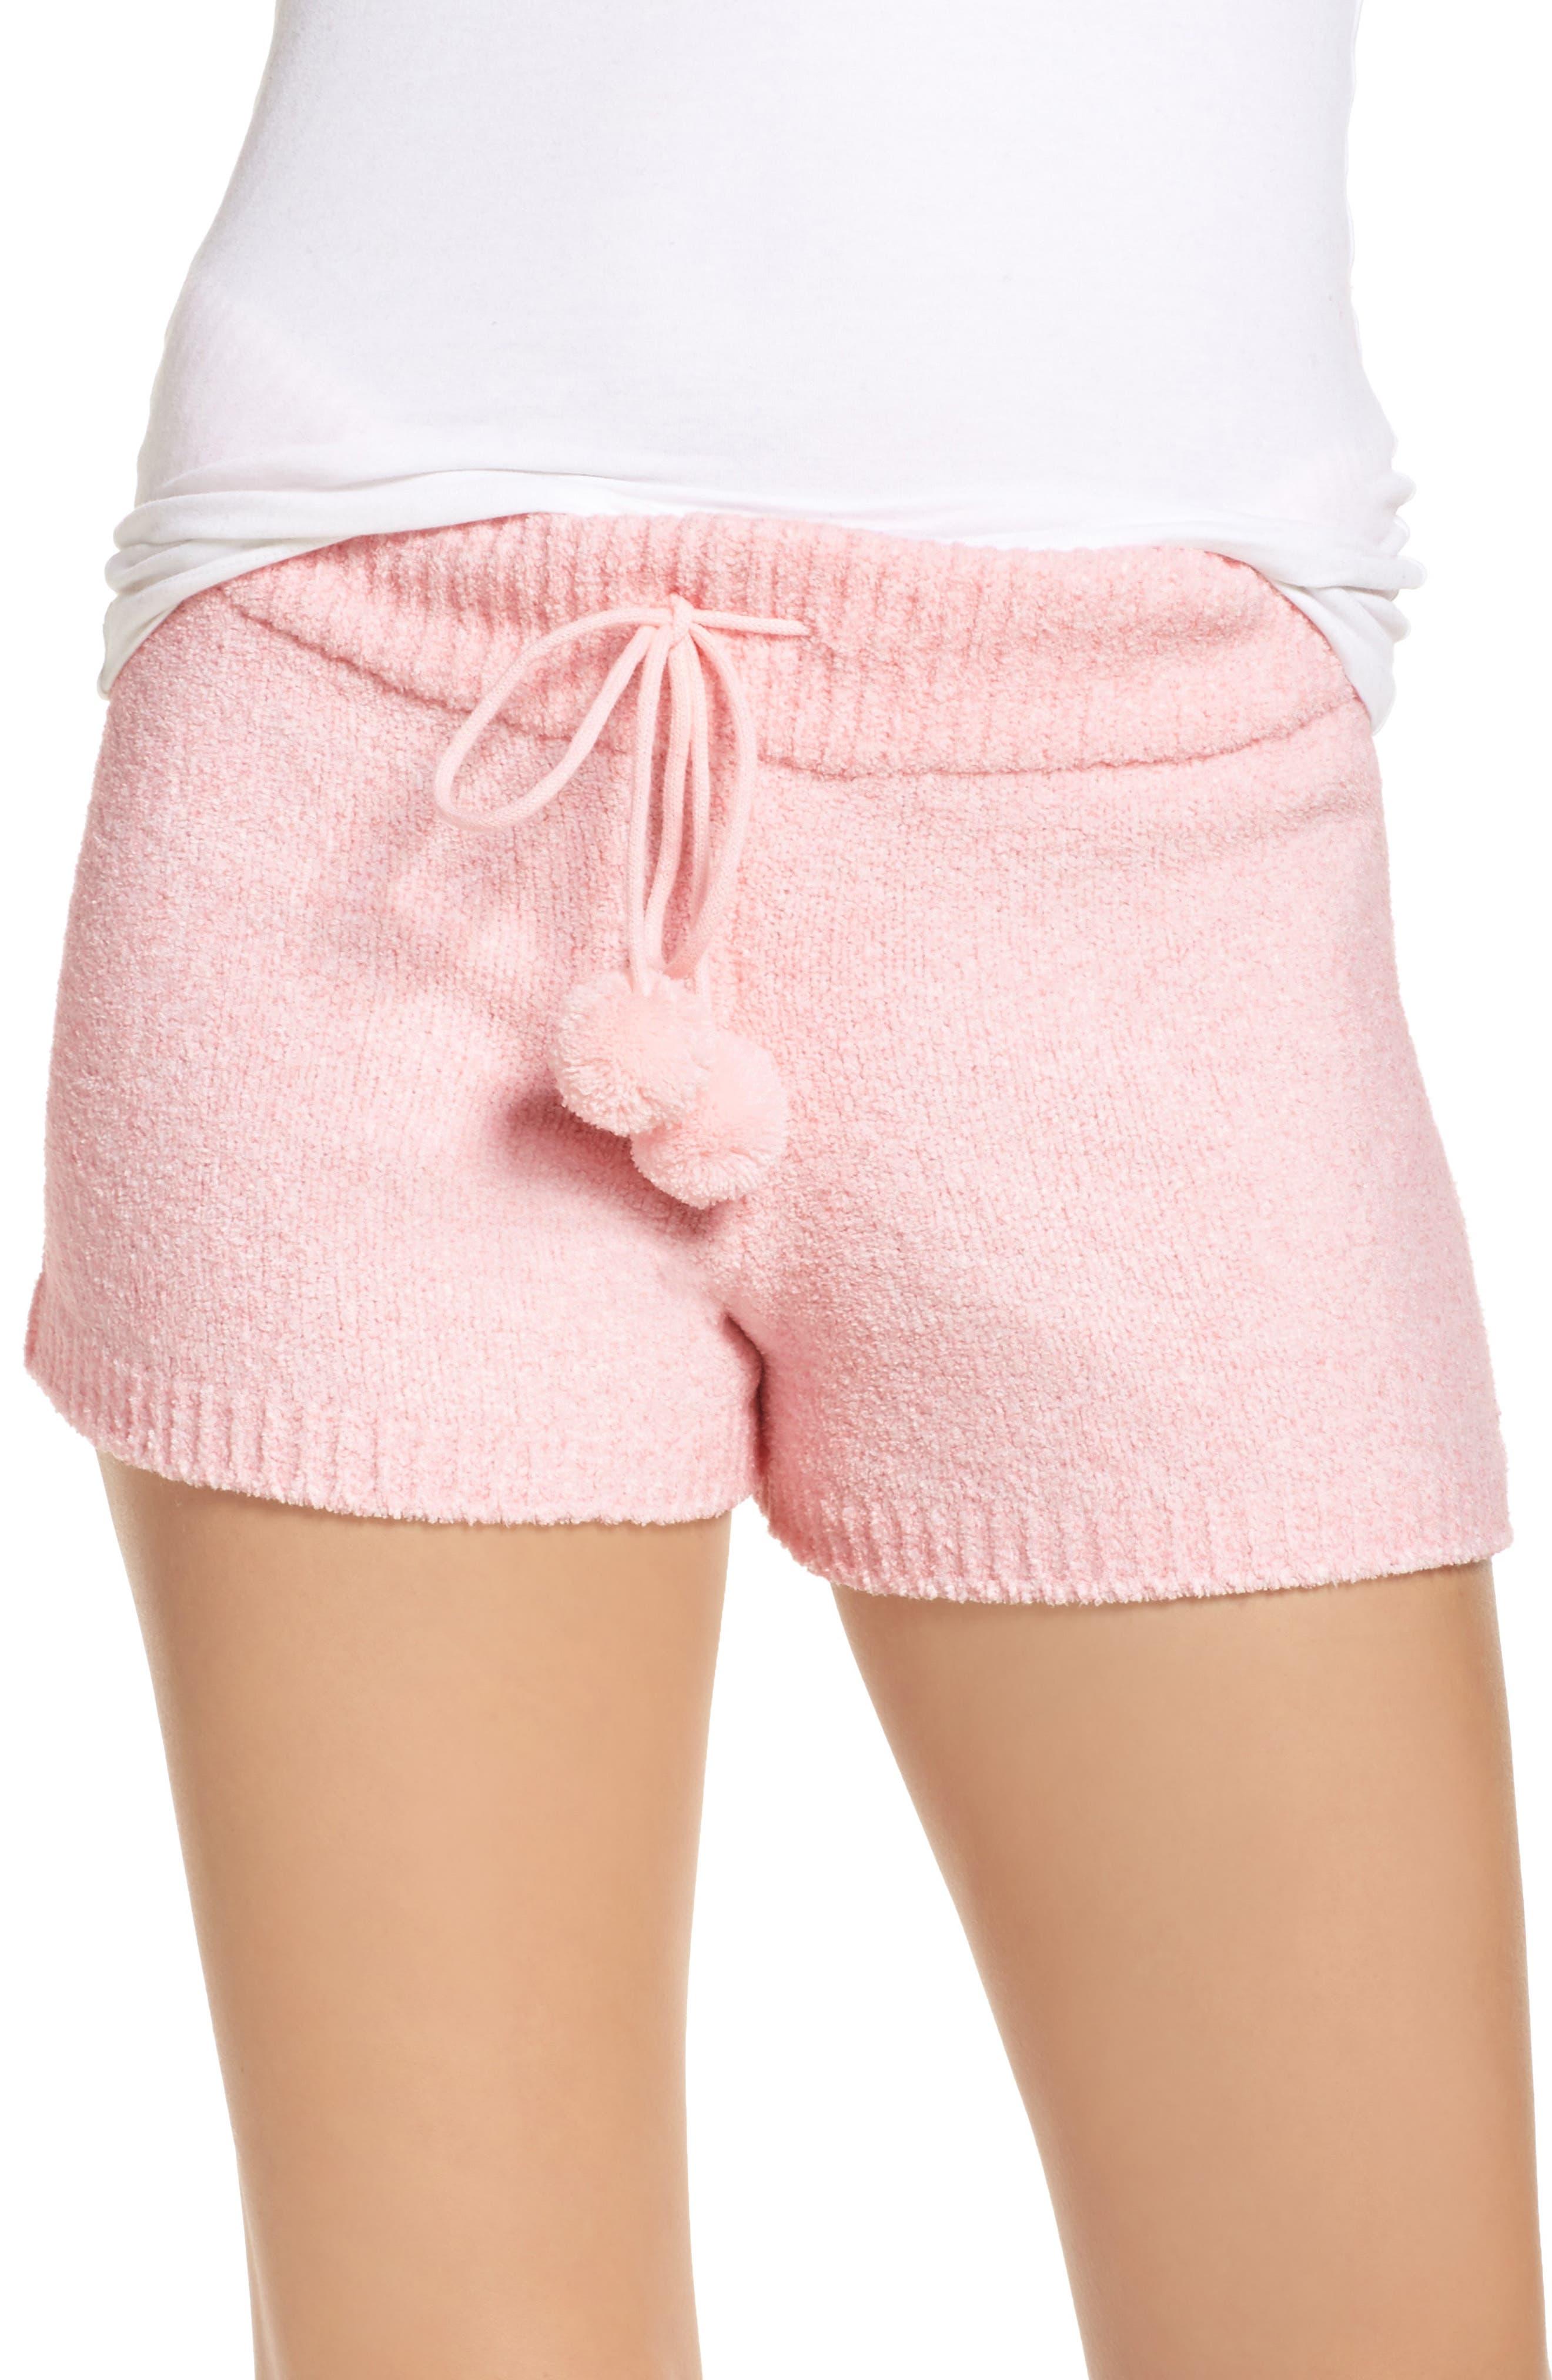 Honeydew Intimates Marshmallow Lounge Shorts